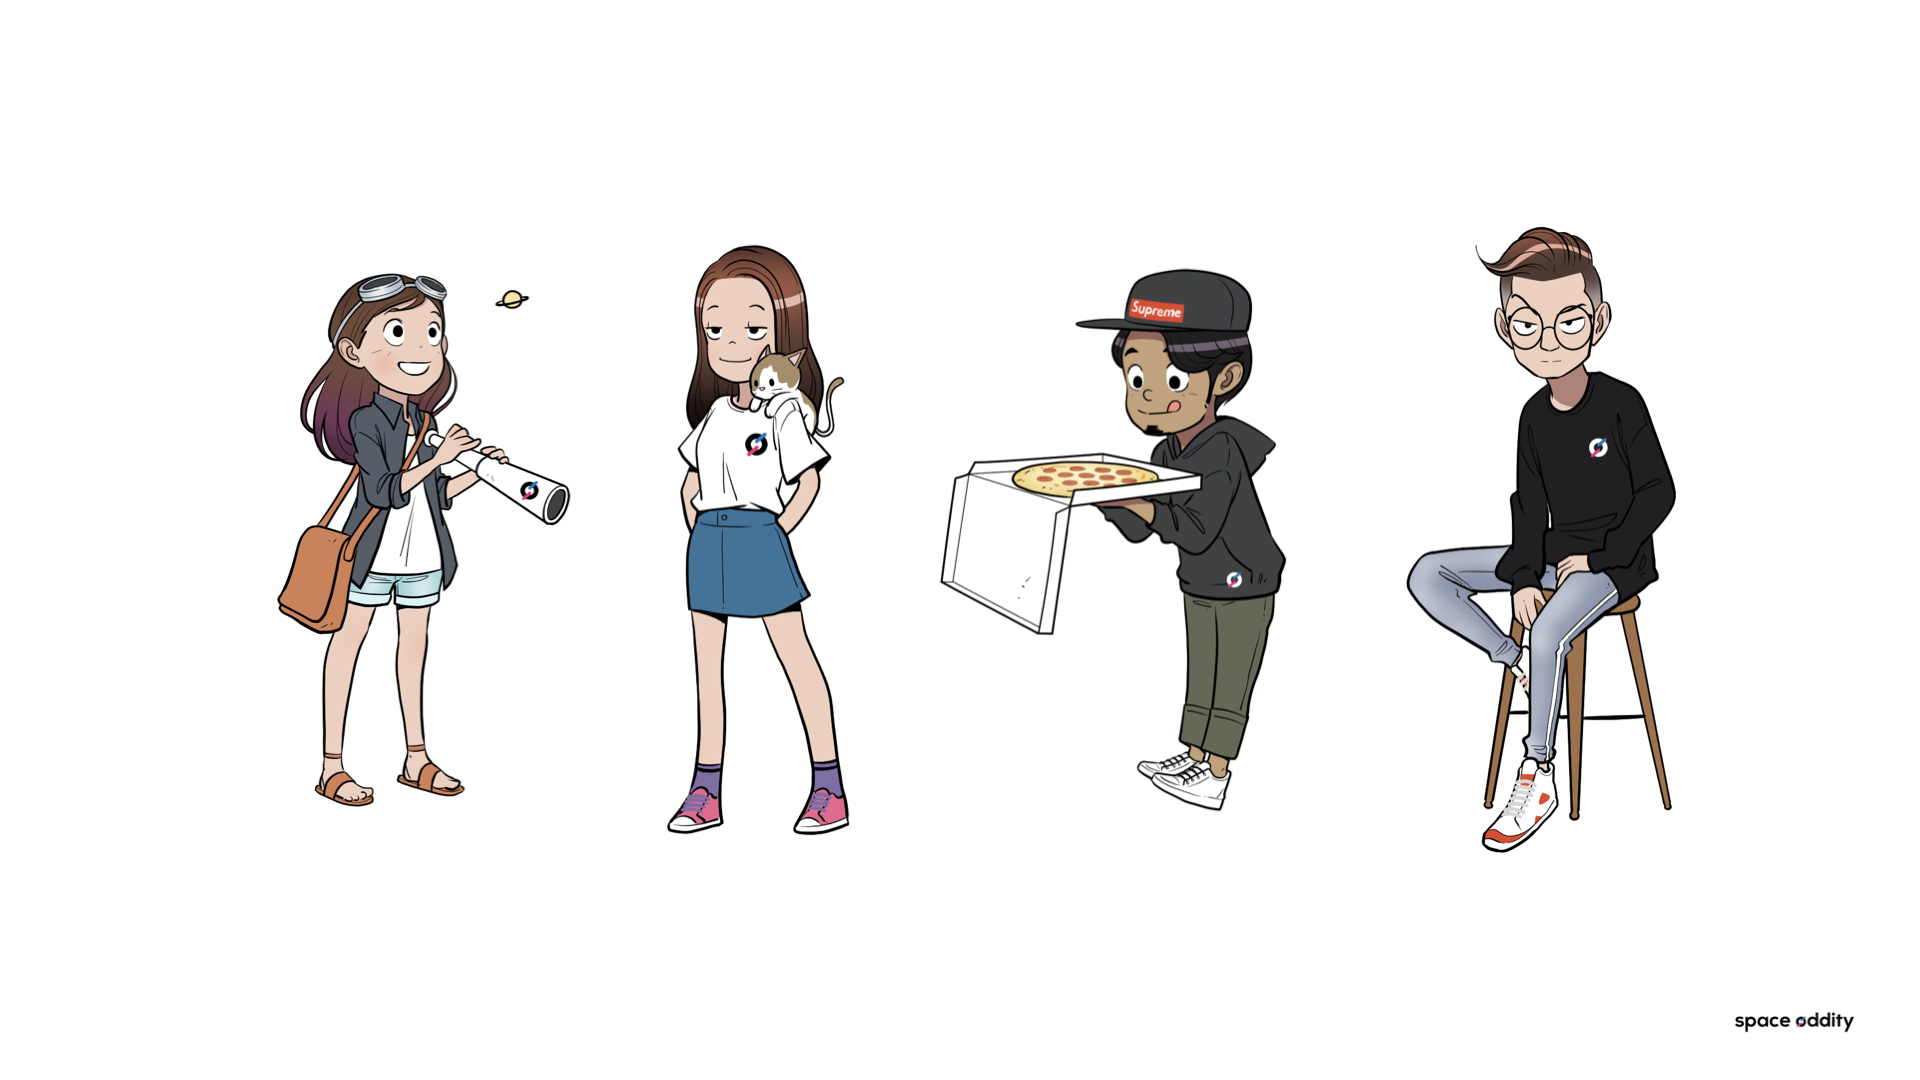 지금도 열심히 음악을 입체적인 경험으로 만들고 있는 뮤직 크리에이티브 그룹 요원들